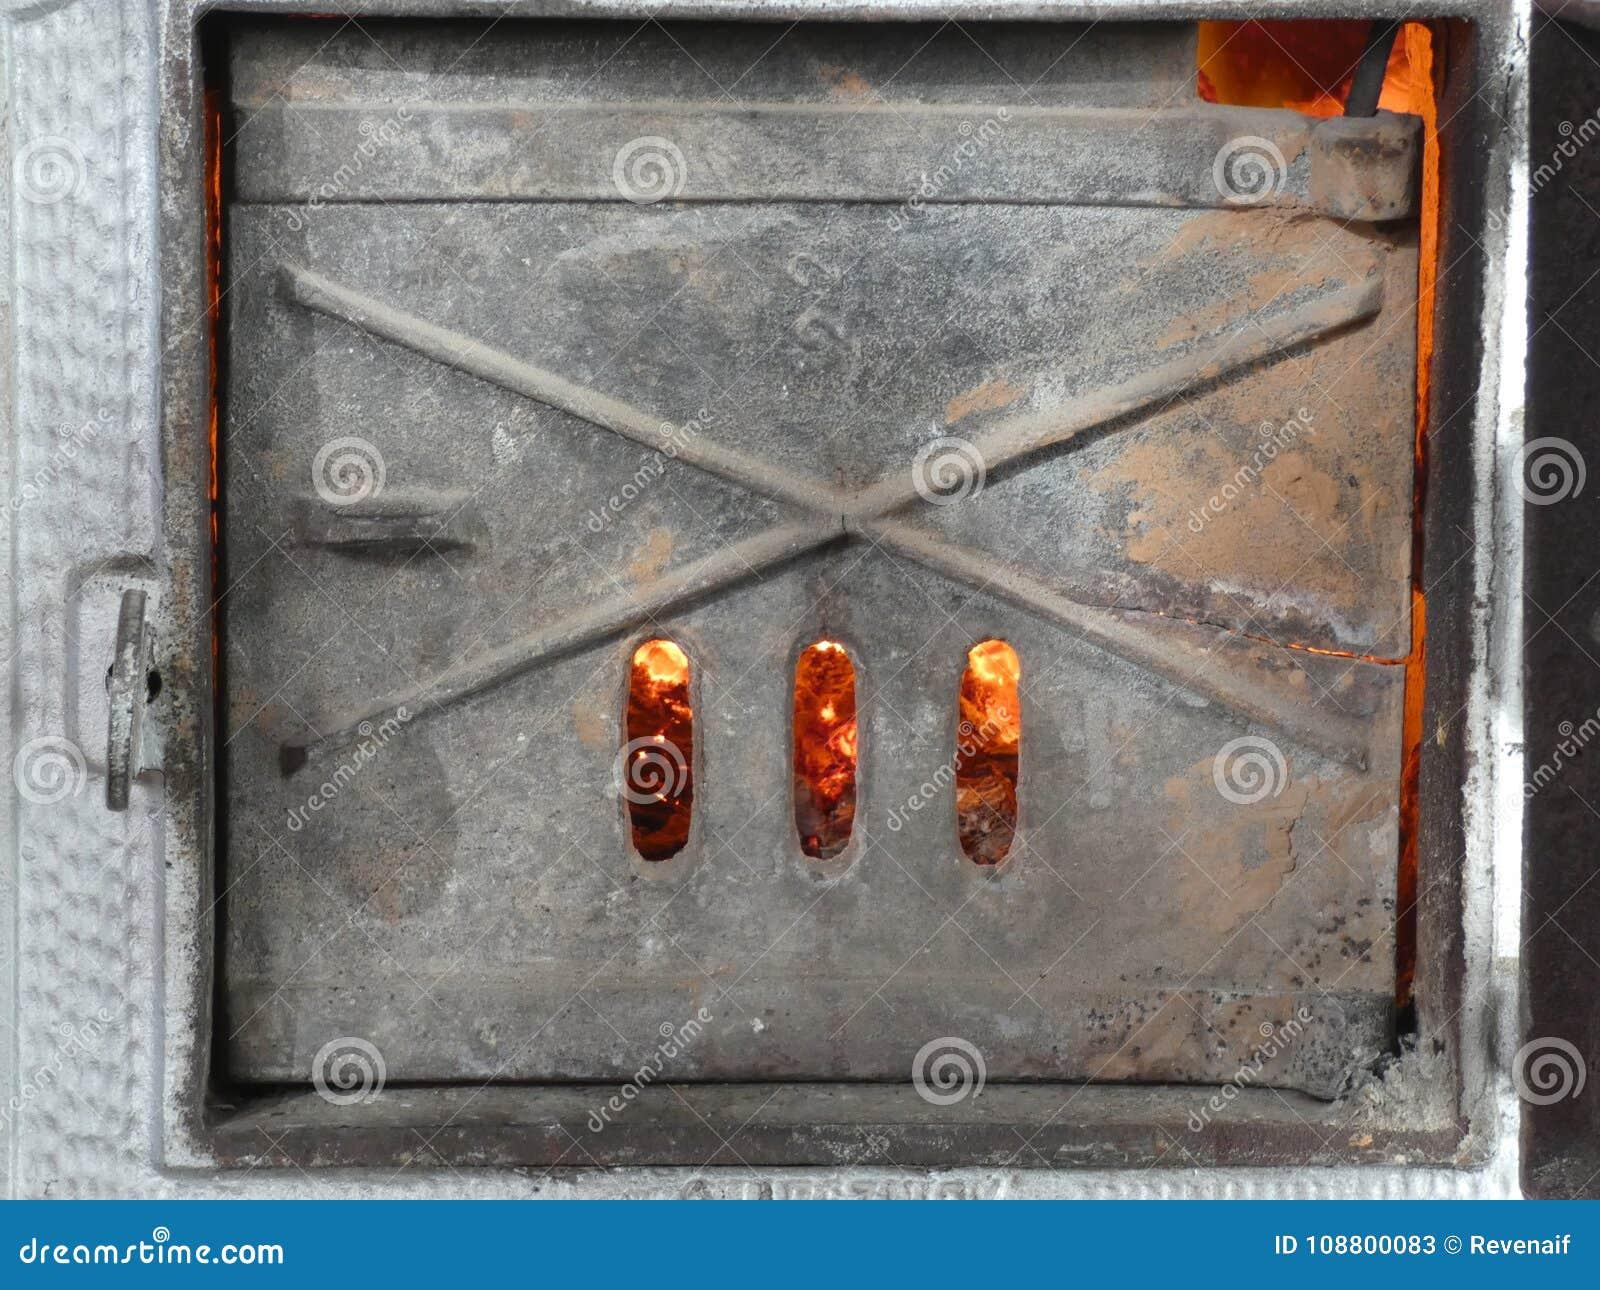 Shutter of Old Tile Stove - Fire Inside